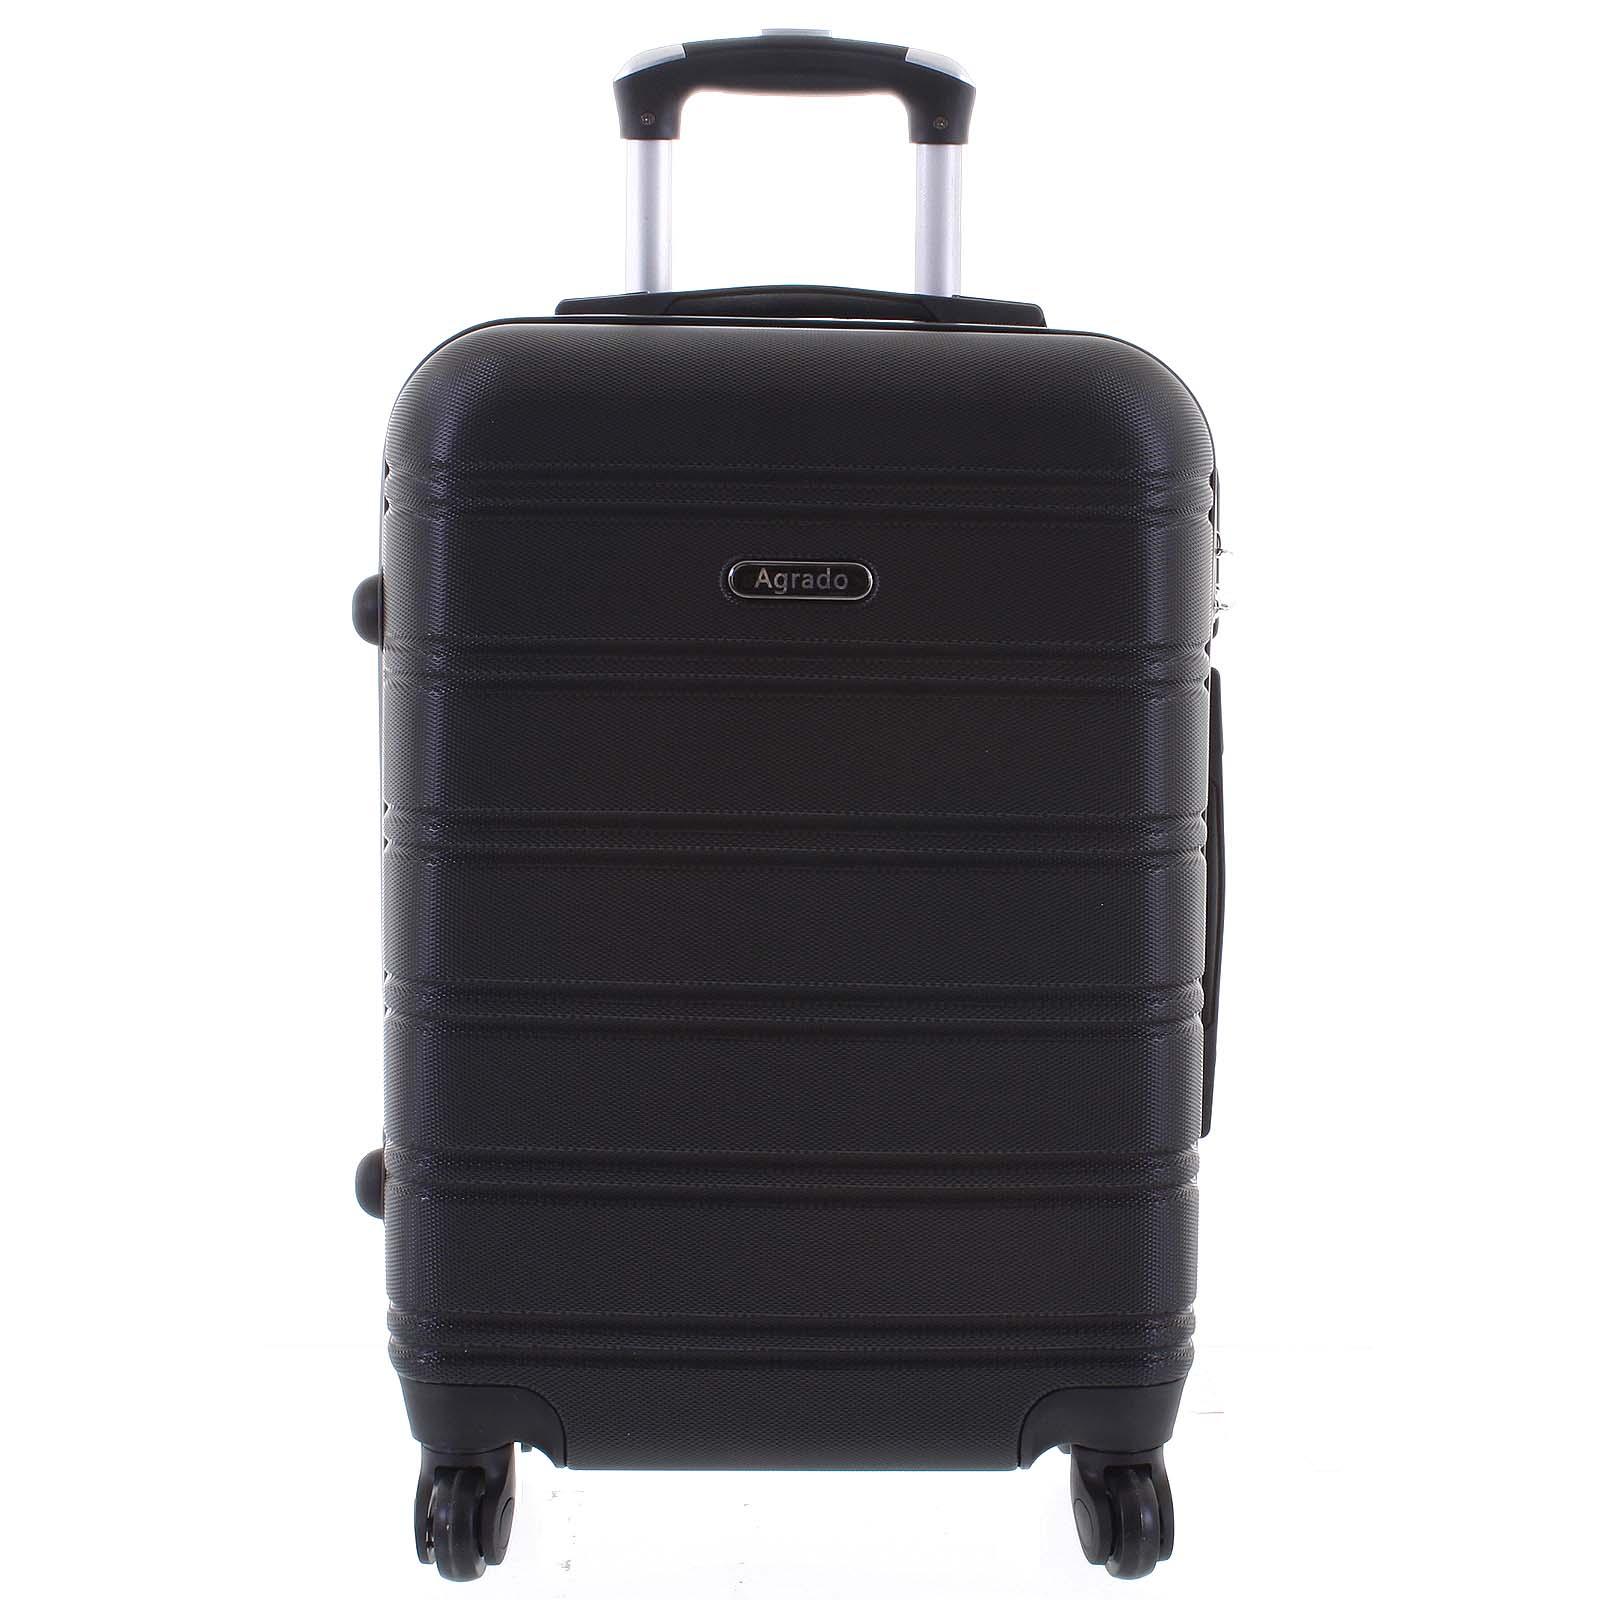 Kvalitný a elegantný pevný čierny cestovný kufor - Agrado Michael L